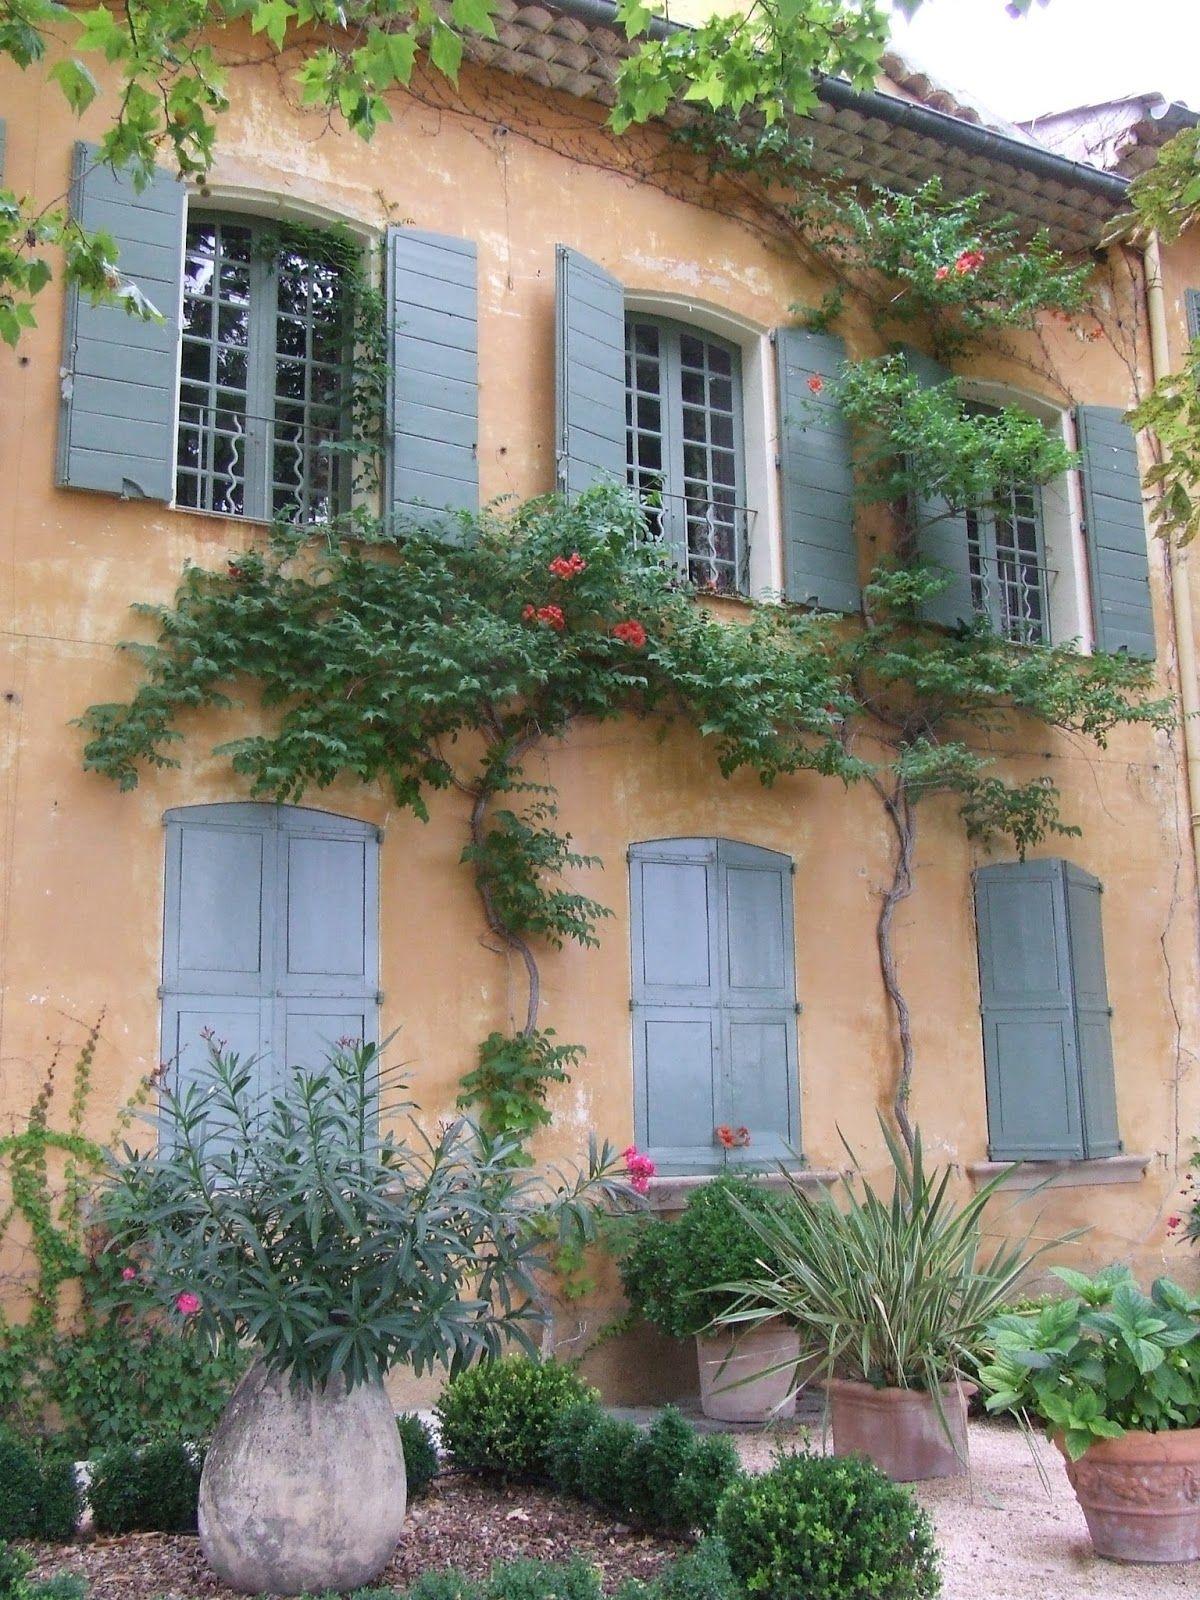 Domaine de la Baume. Tourtour, Provence, France.